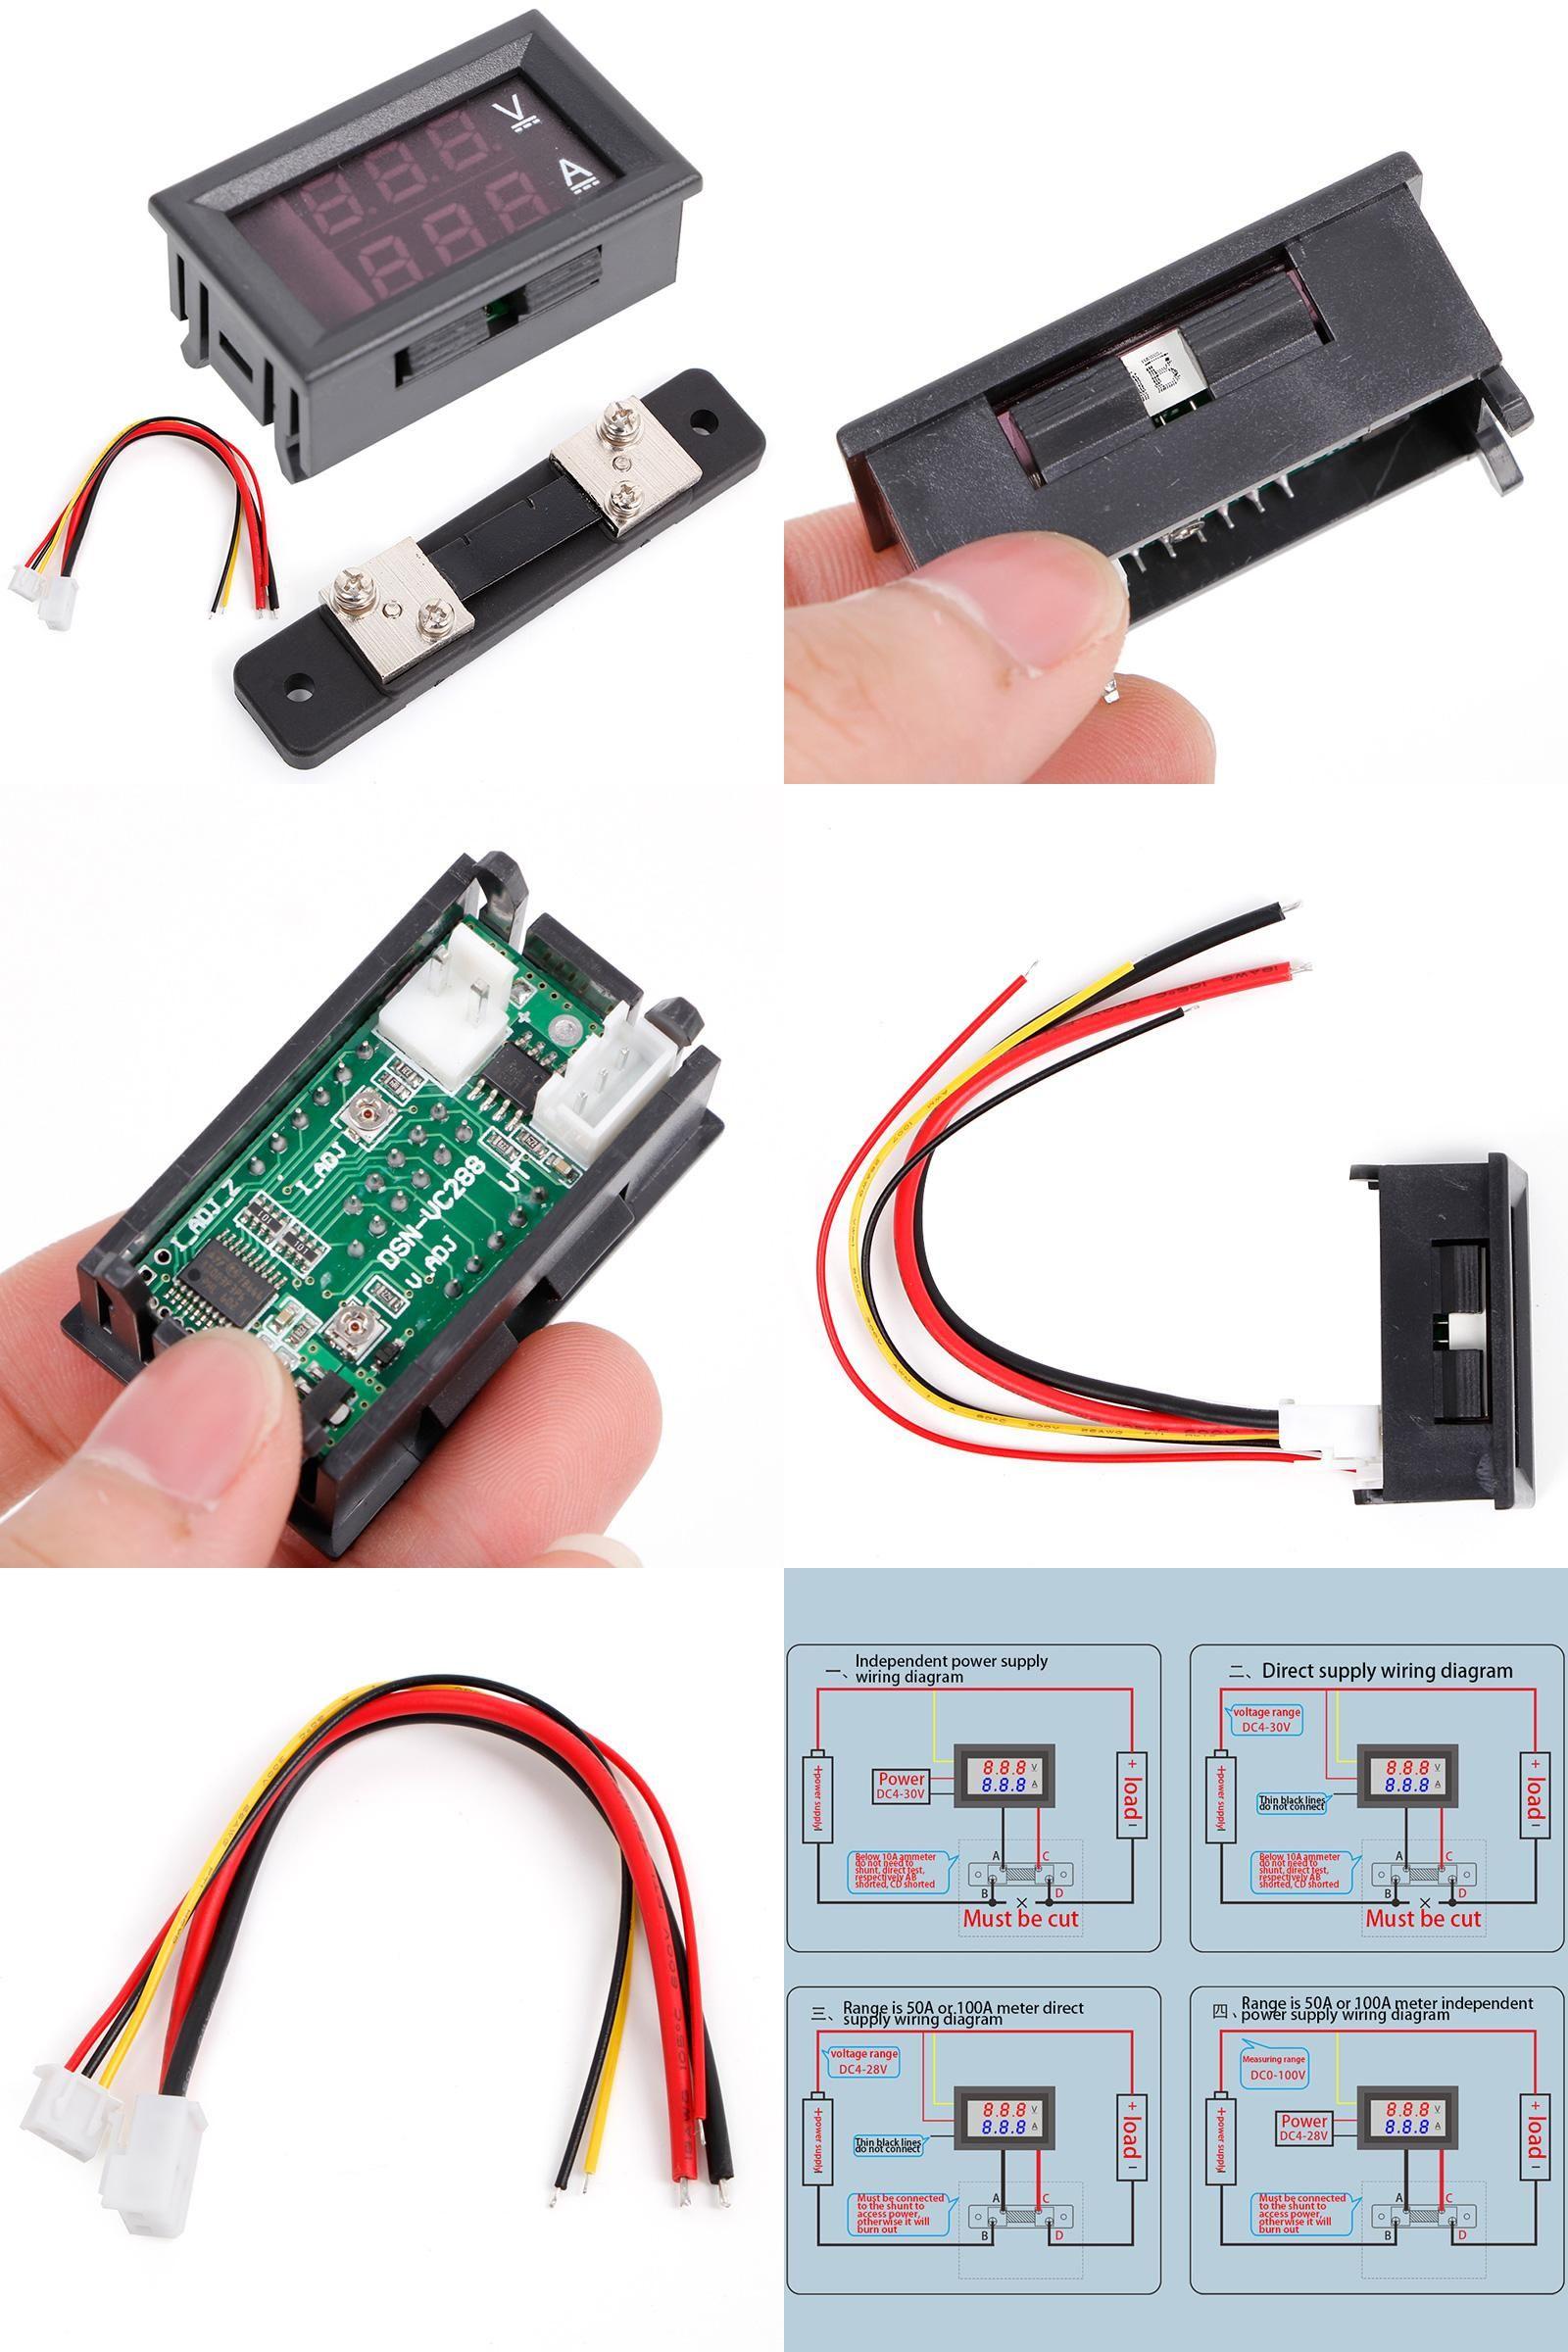 visit to buy 0 100v 50a red blue digital voltmeter ammeter 2in1 [ 1600 x 2400 Pixel ]